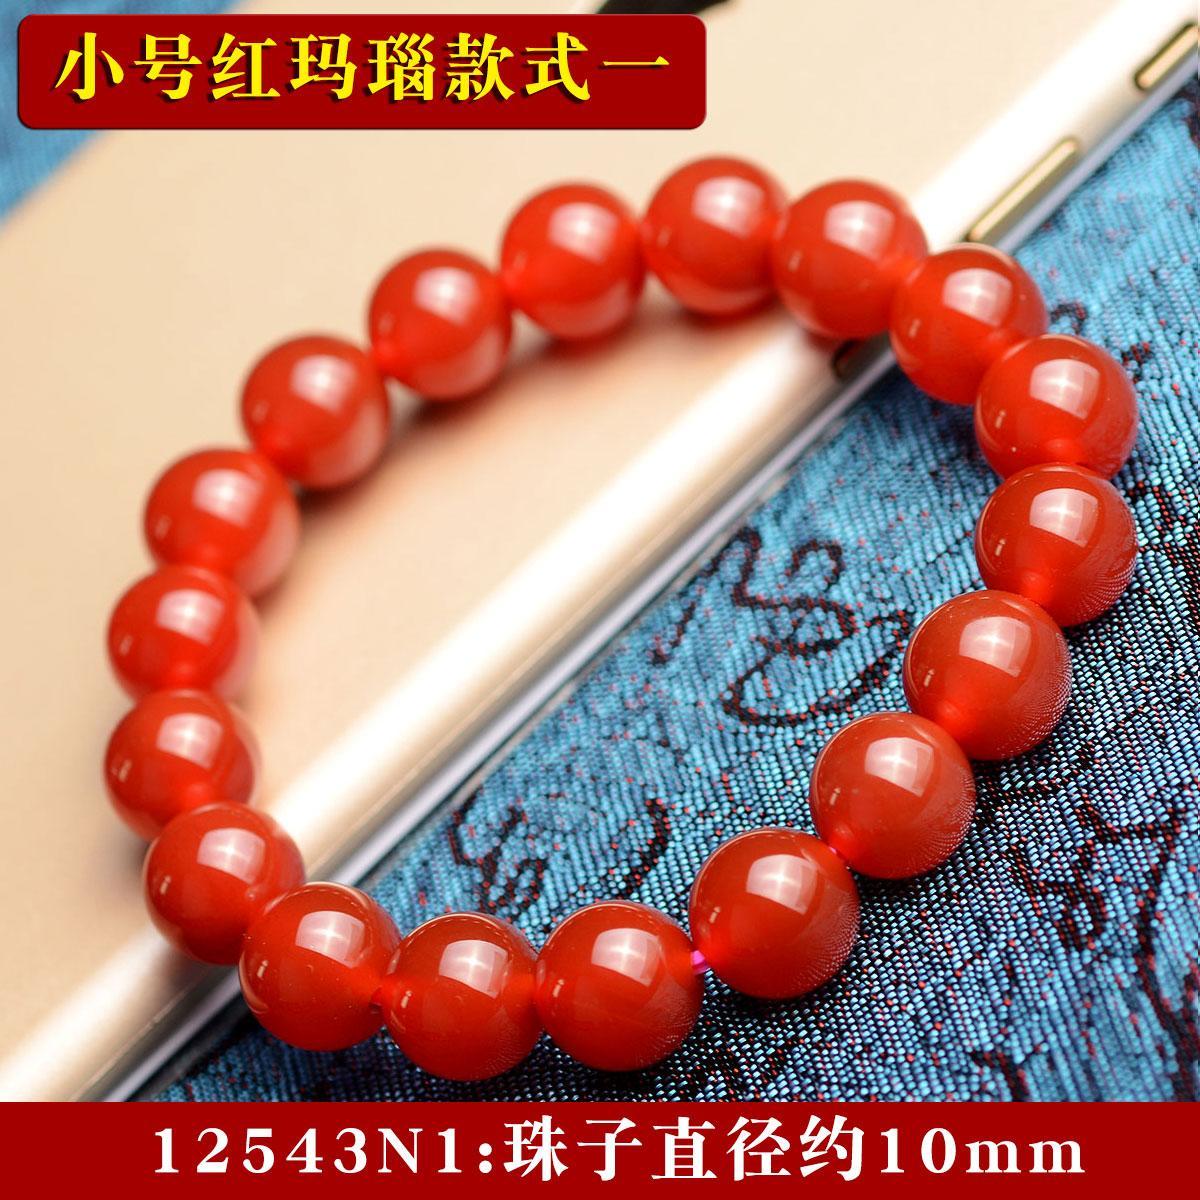 Untuk mengirim 福阁 batu akik merah gelang gelang manik MIMZF model uniseks dekorasi hadiah hadiah